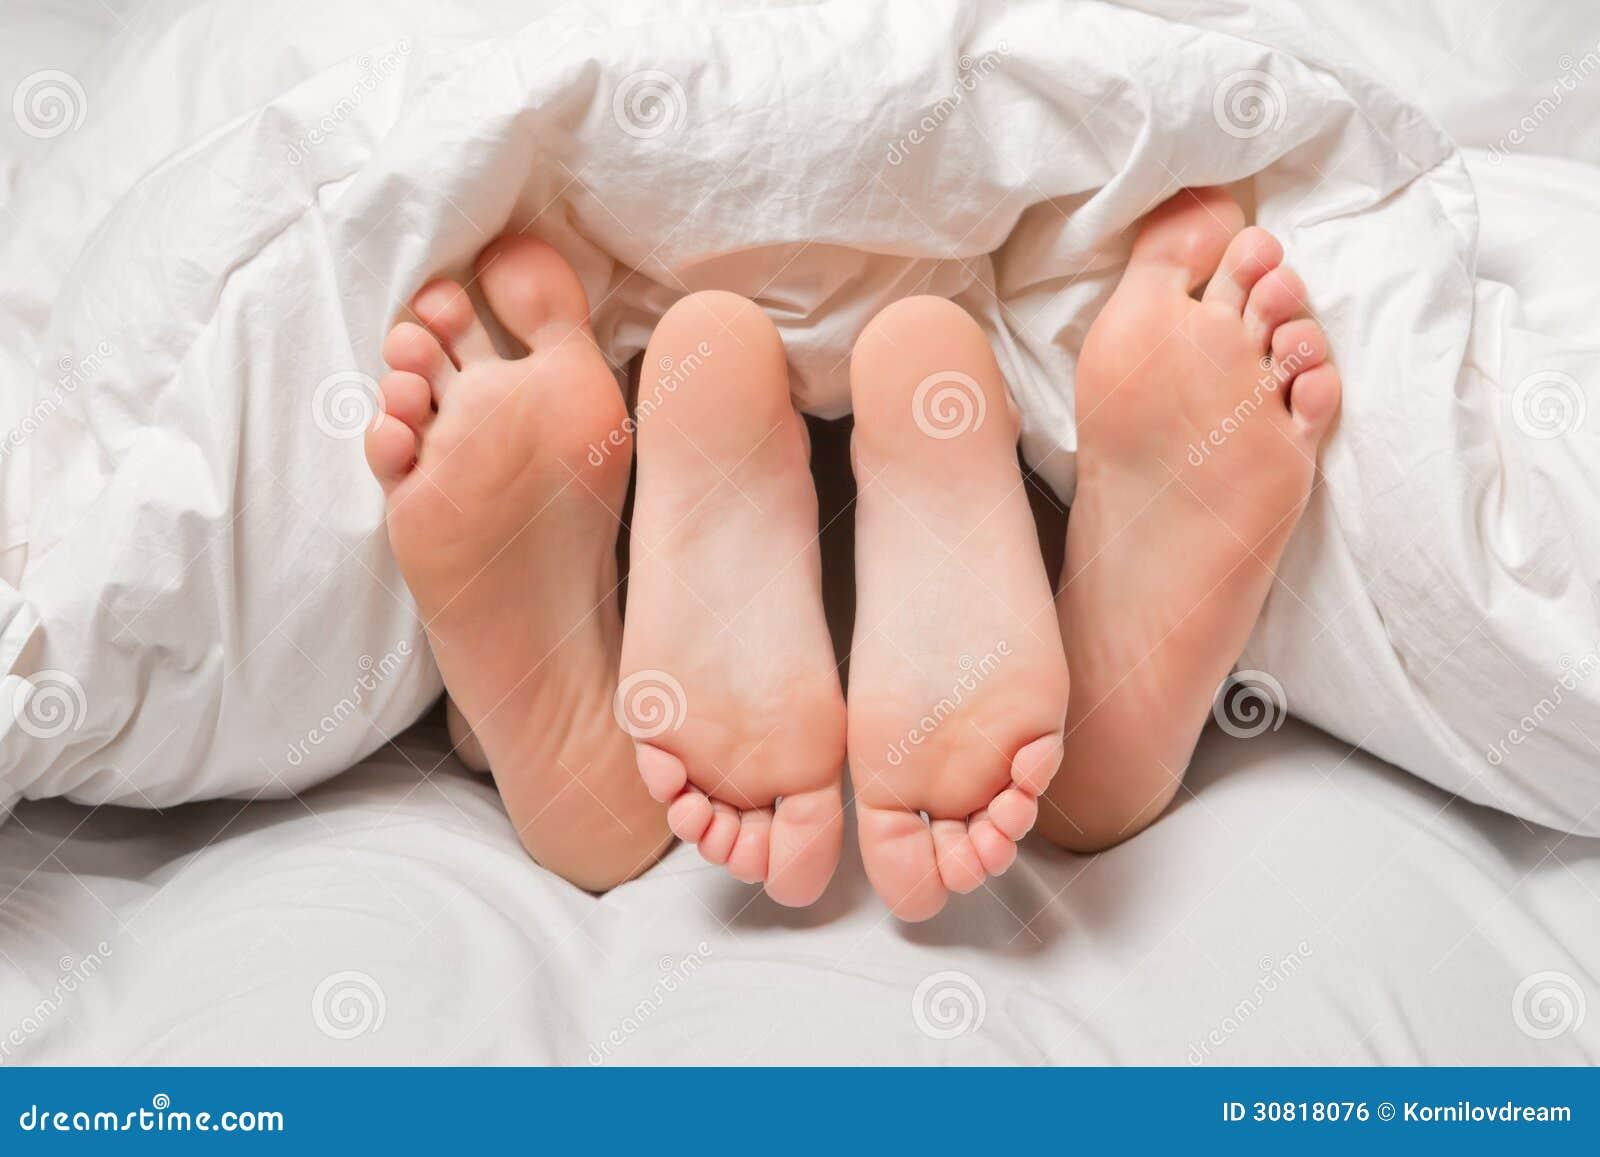 Fot i en säng